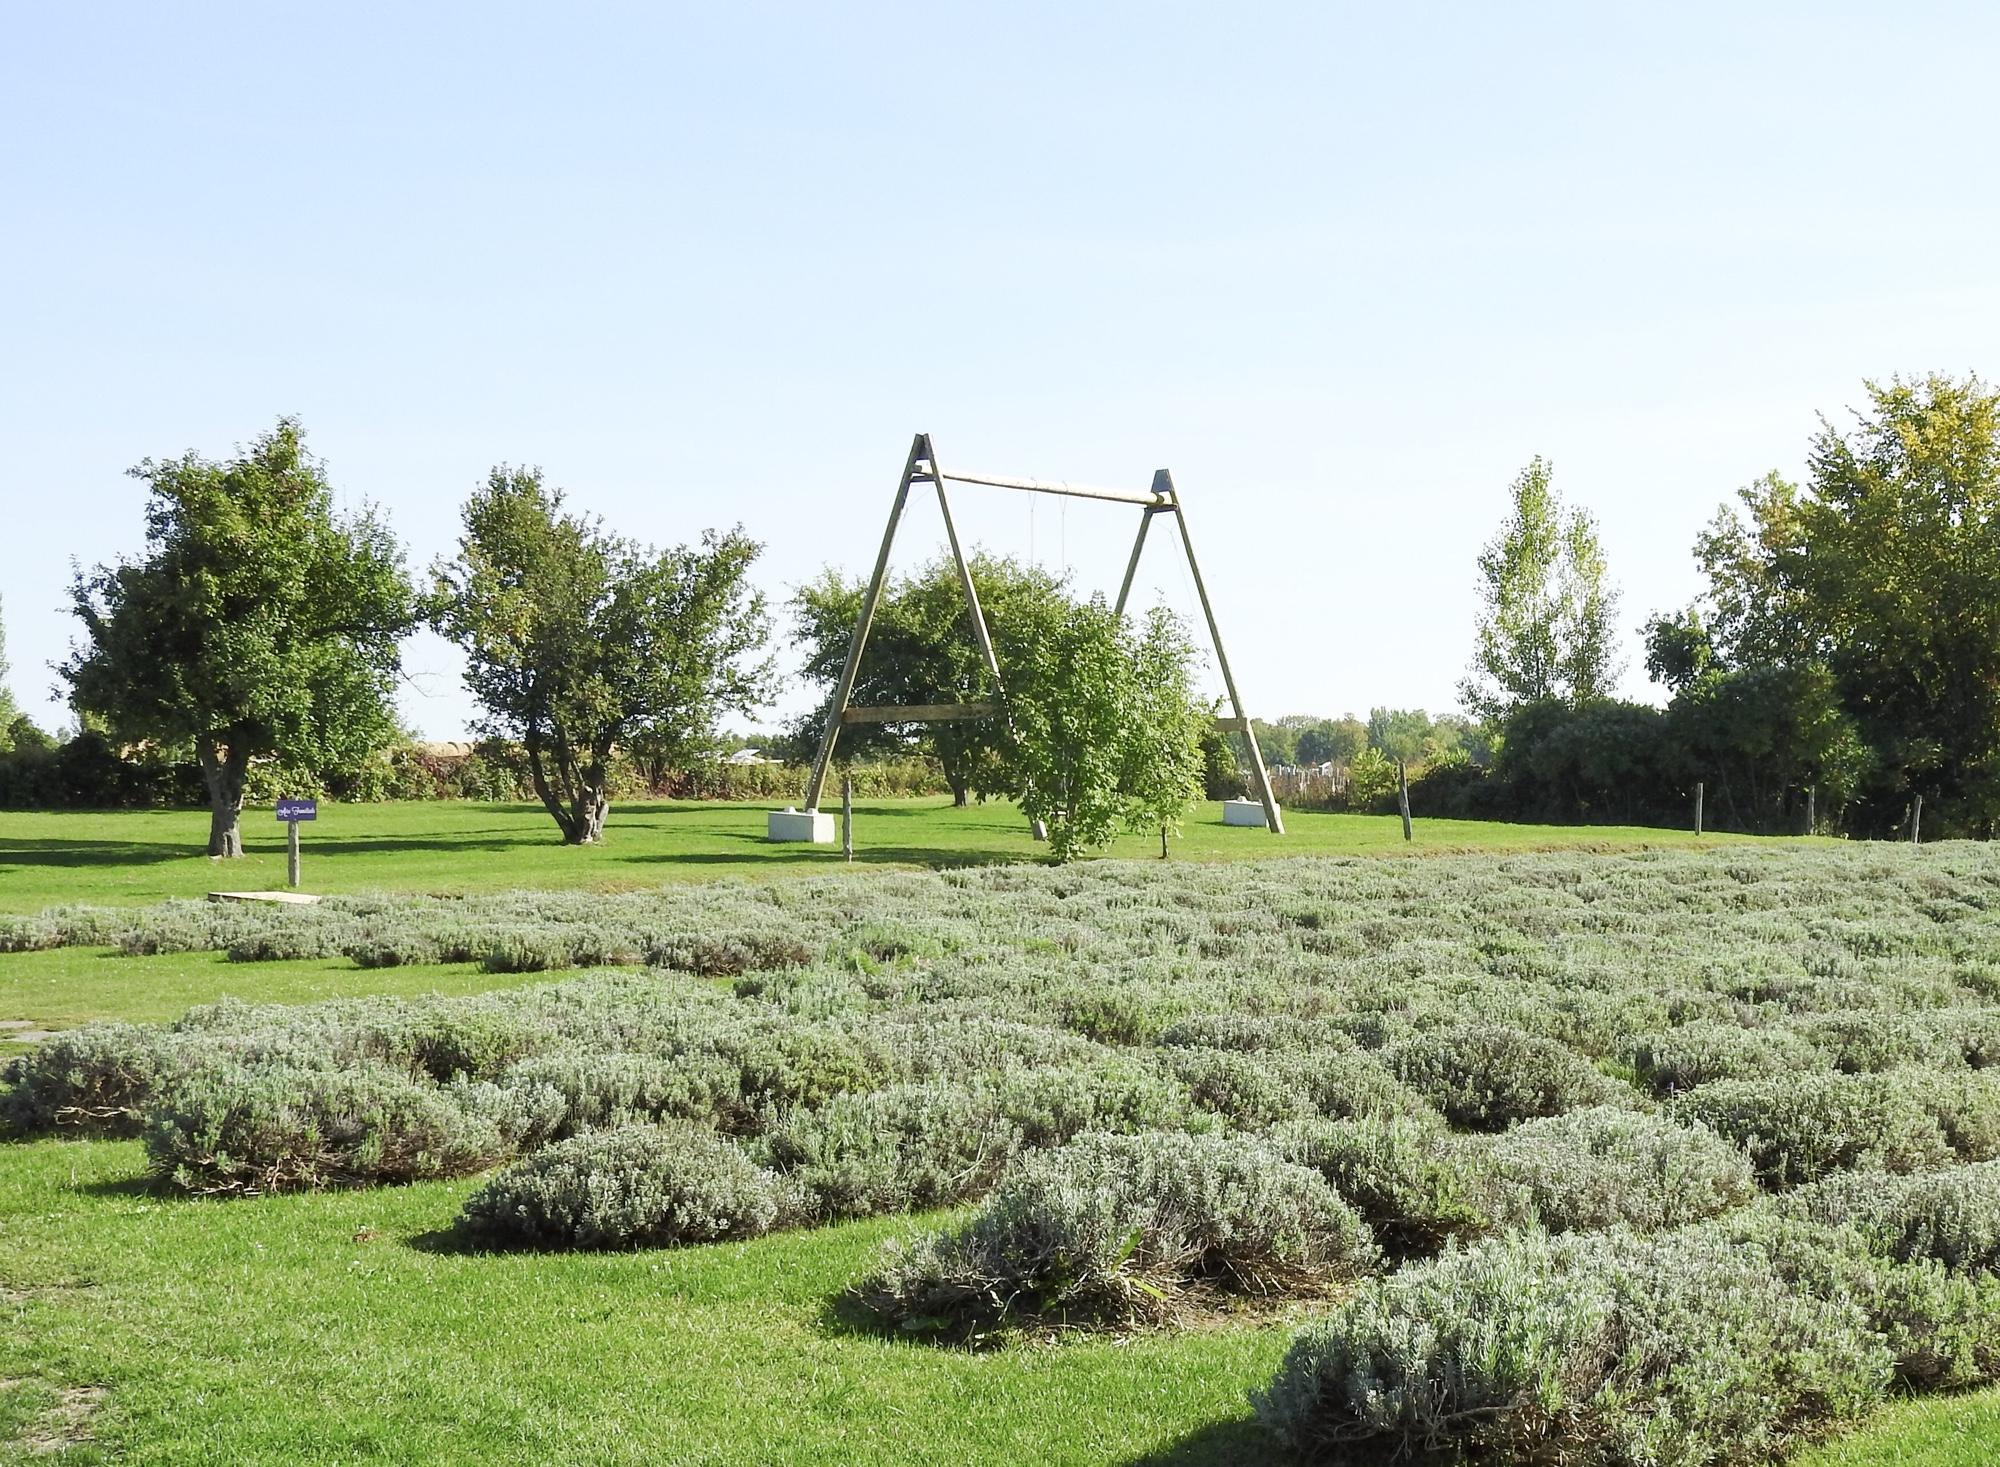 インスタ映えするラベンダー畑 ローレンシャン モントリオール